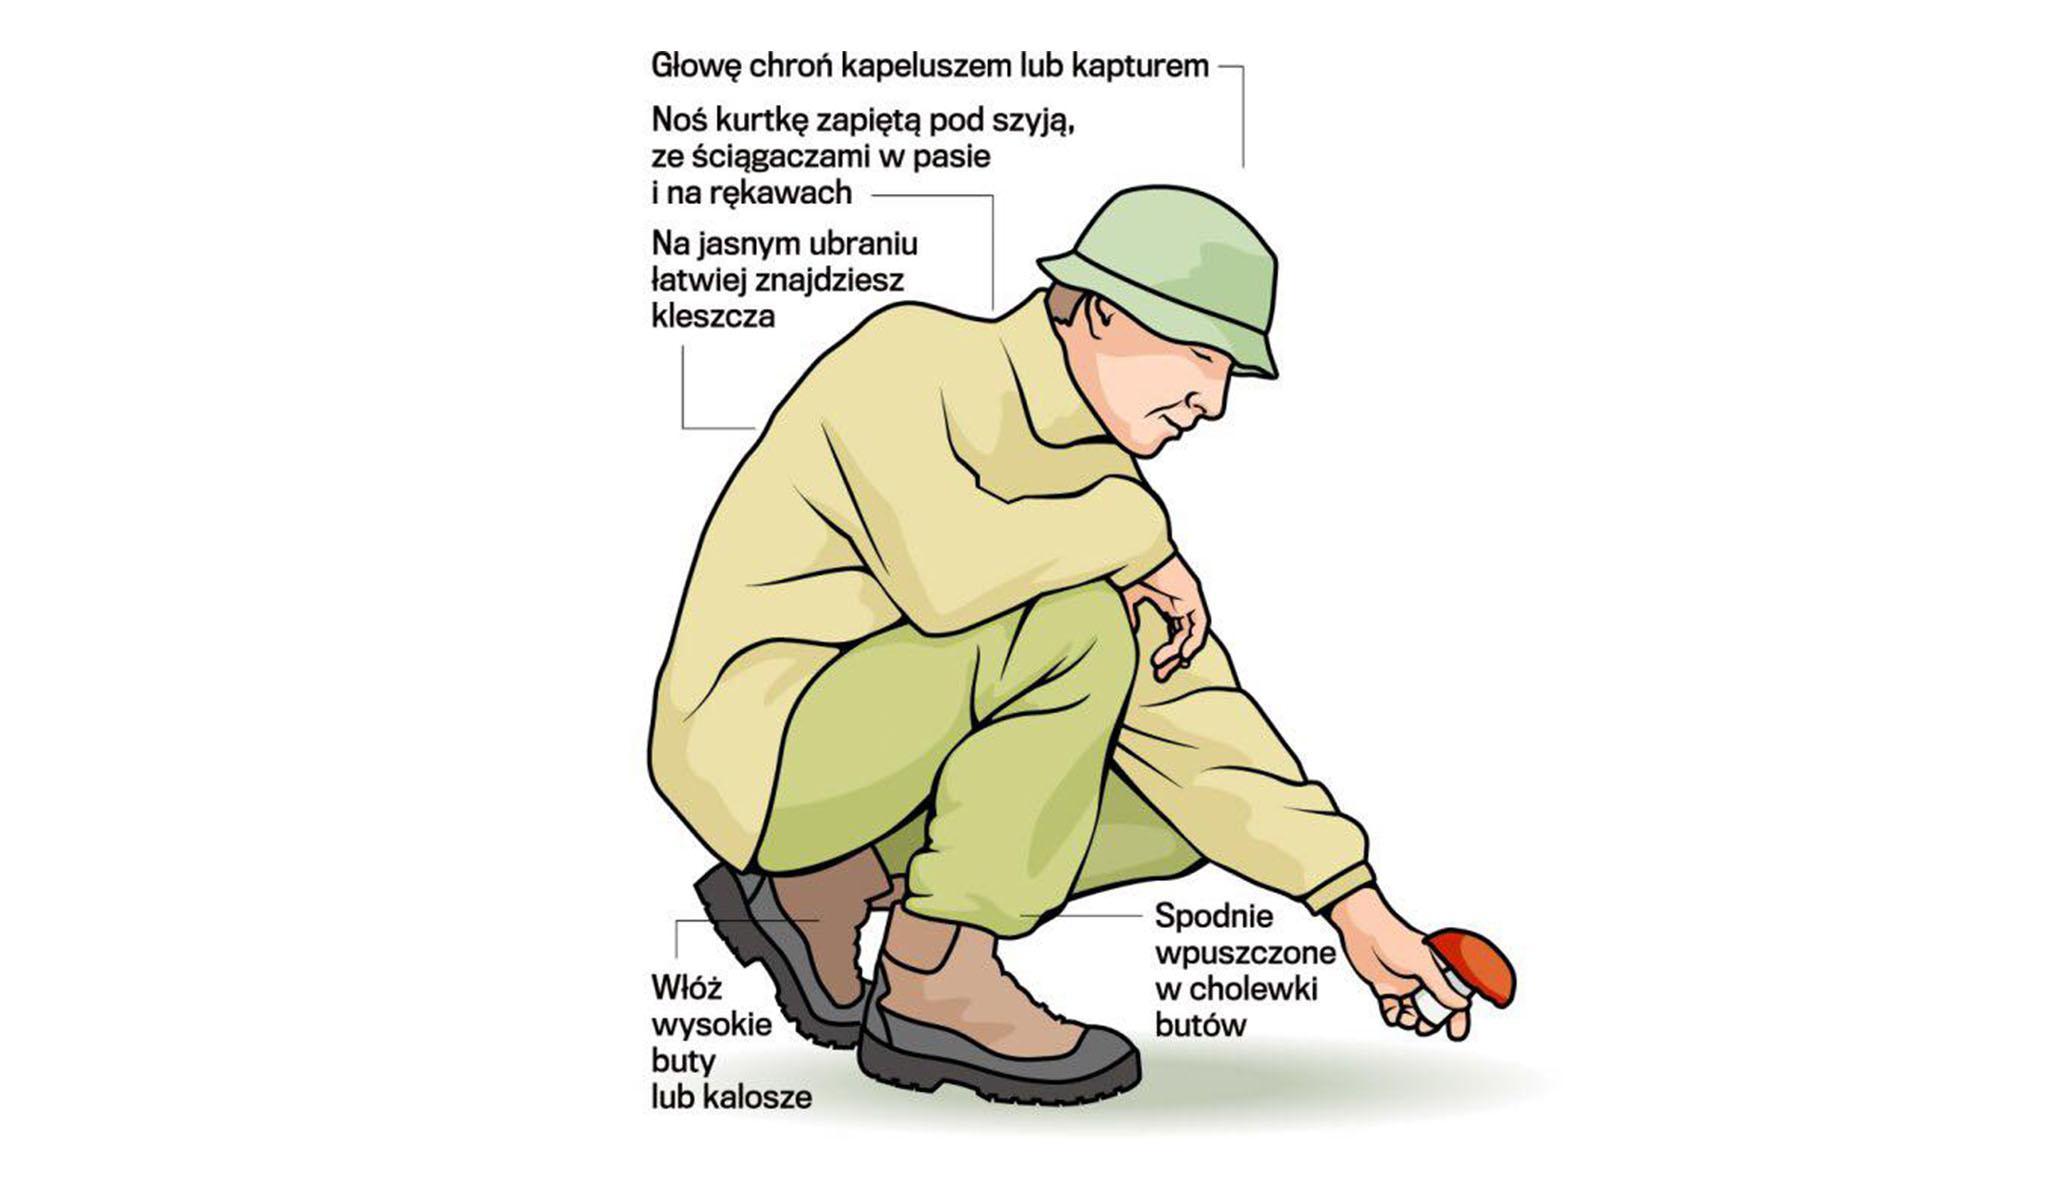 Grzybiarzu – bądź uważny – borelioza